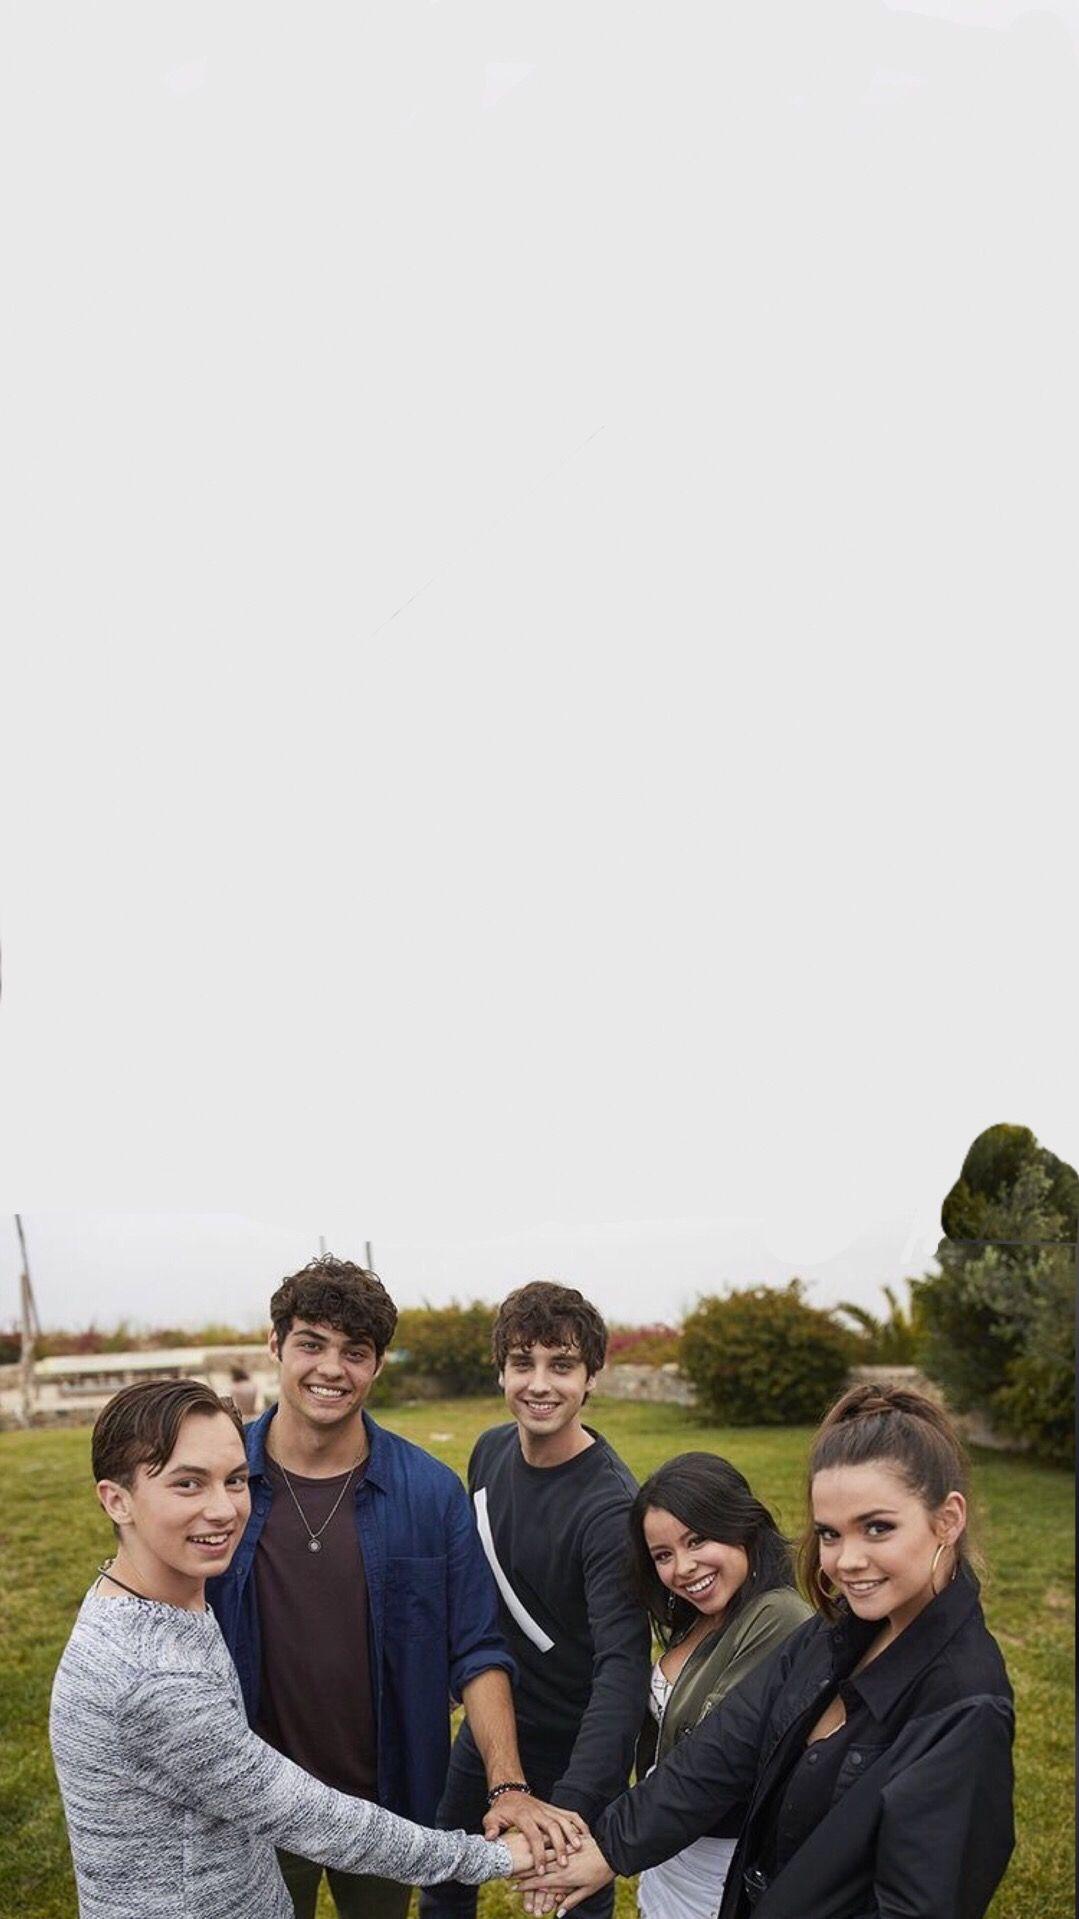 The Fosters The Fosters Peliculas En Netflix Cine